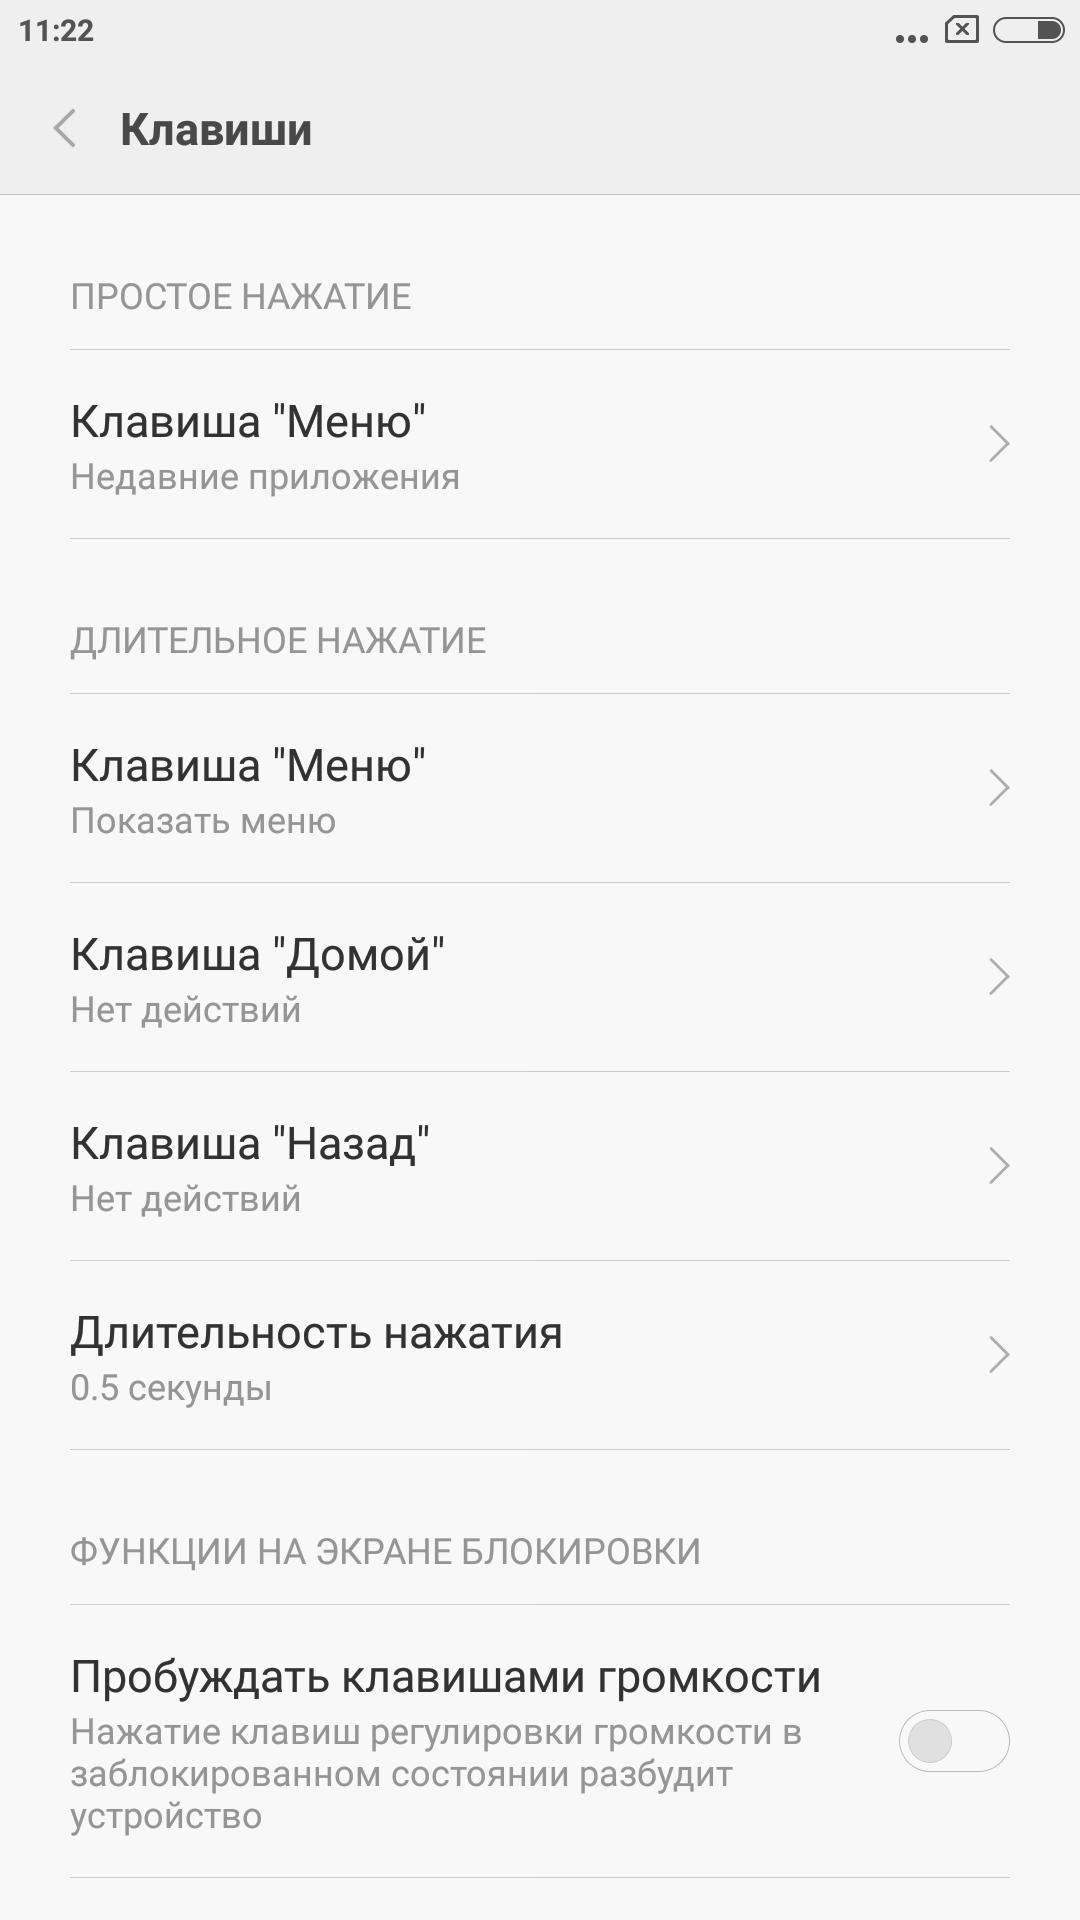 Обзор лучшего бюджетника 2015 года — Xiaomi Redmi Note 2 - 43